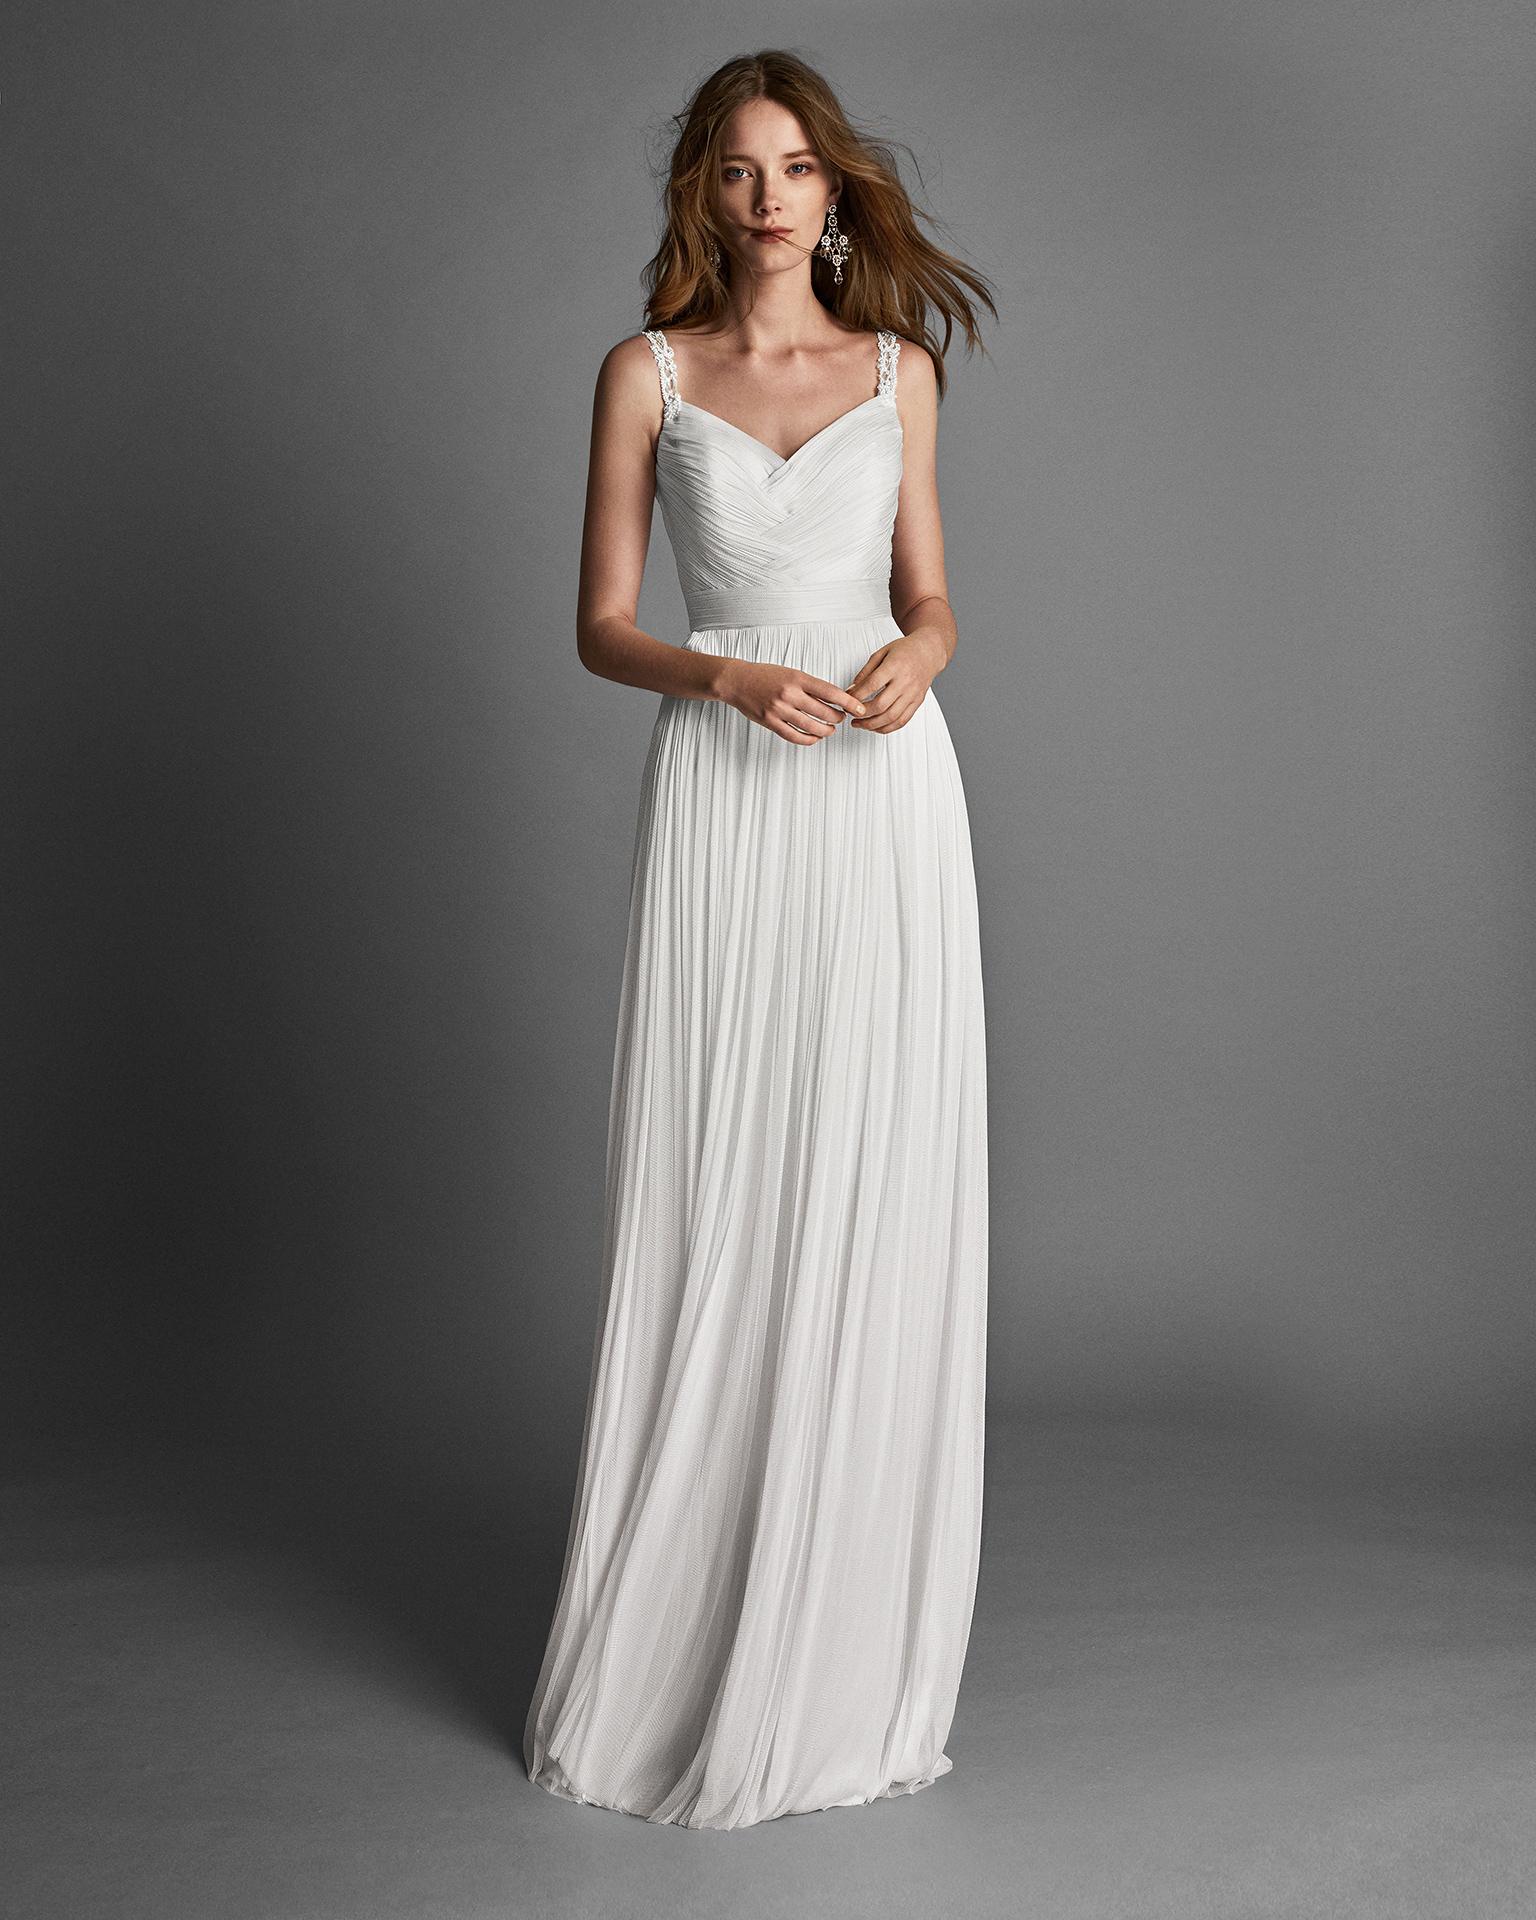 Vestido de novia corte recto de mouselina y espalda joya con adorno de pedrería.